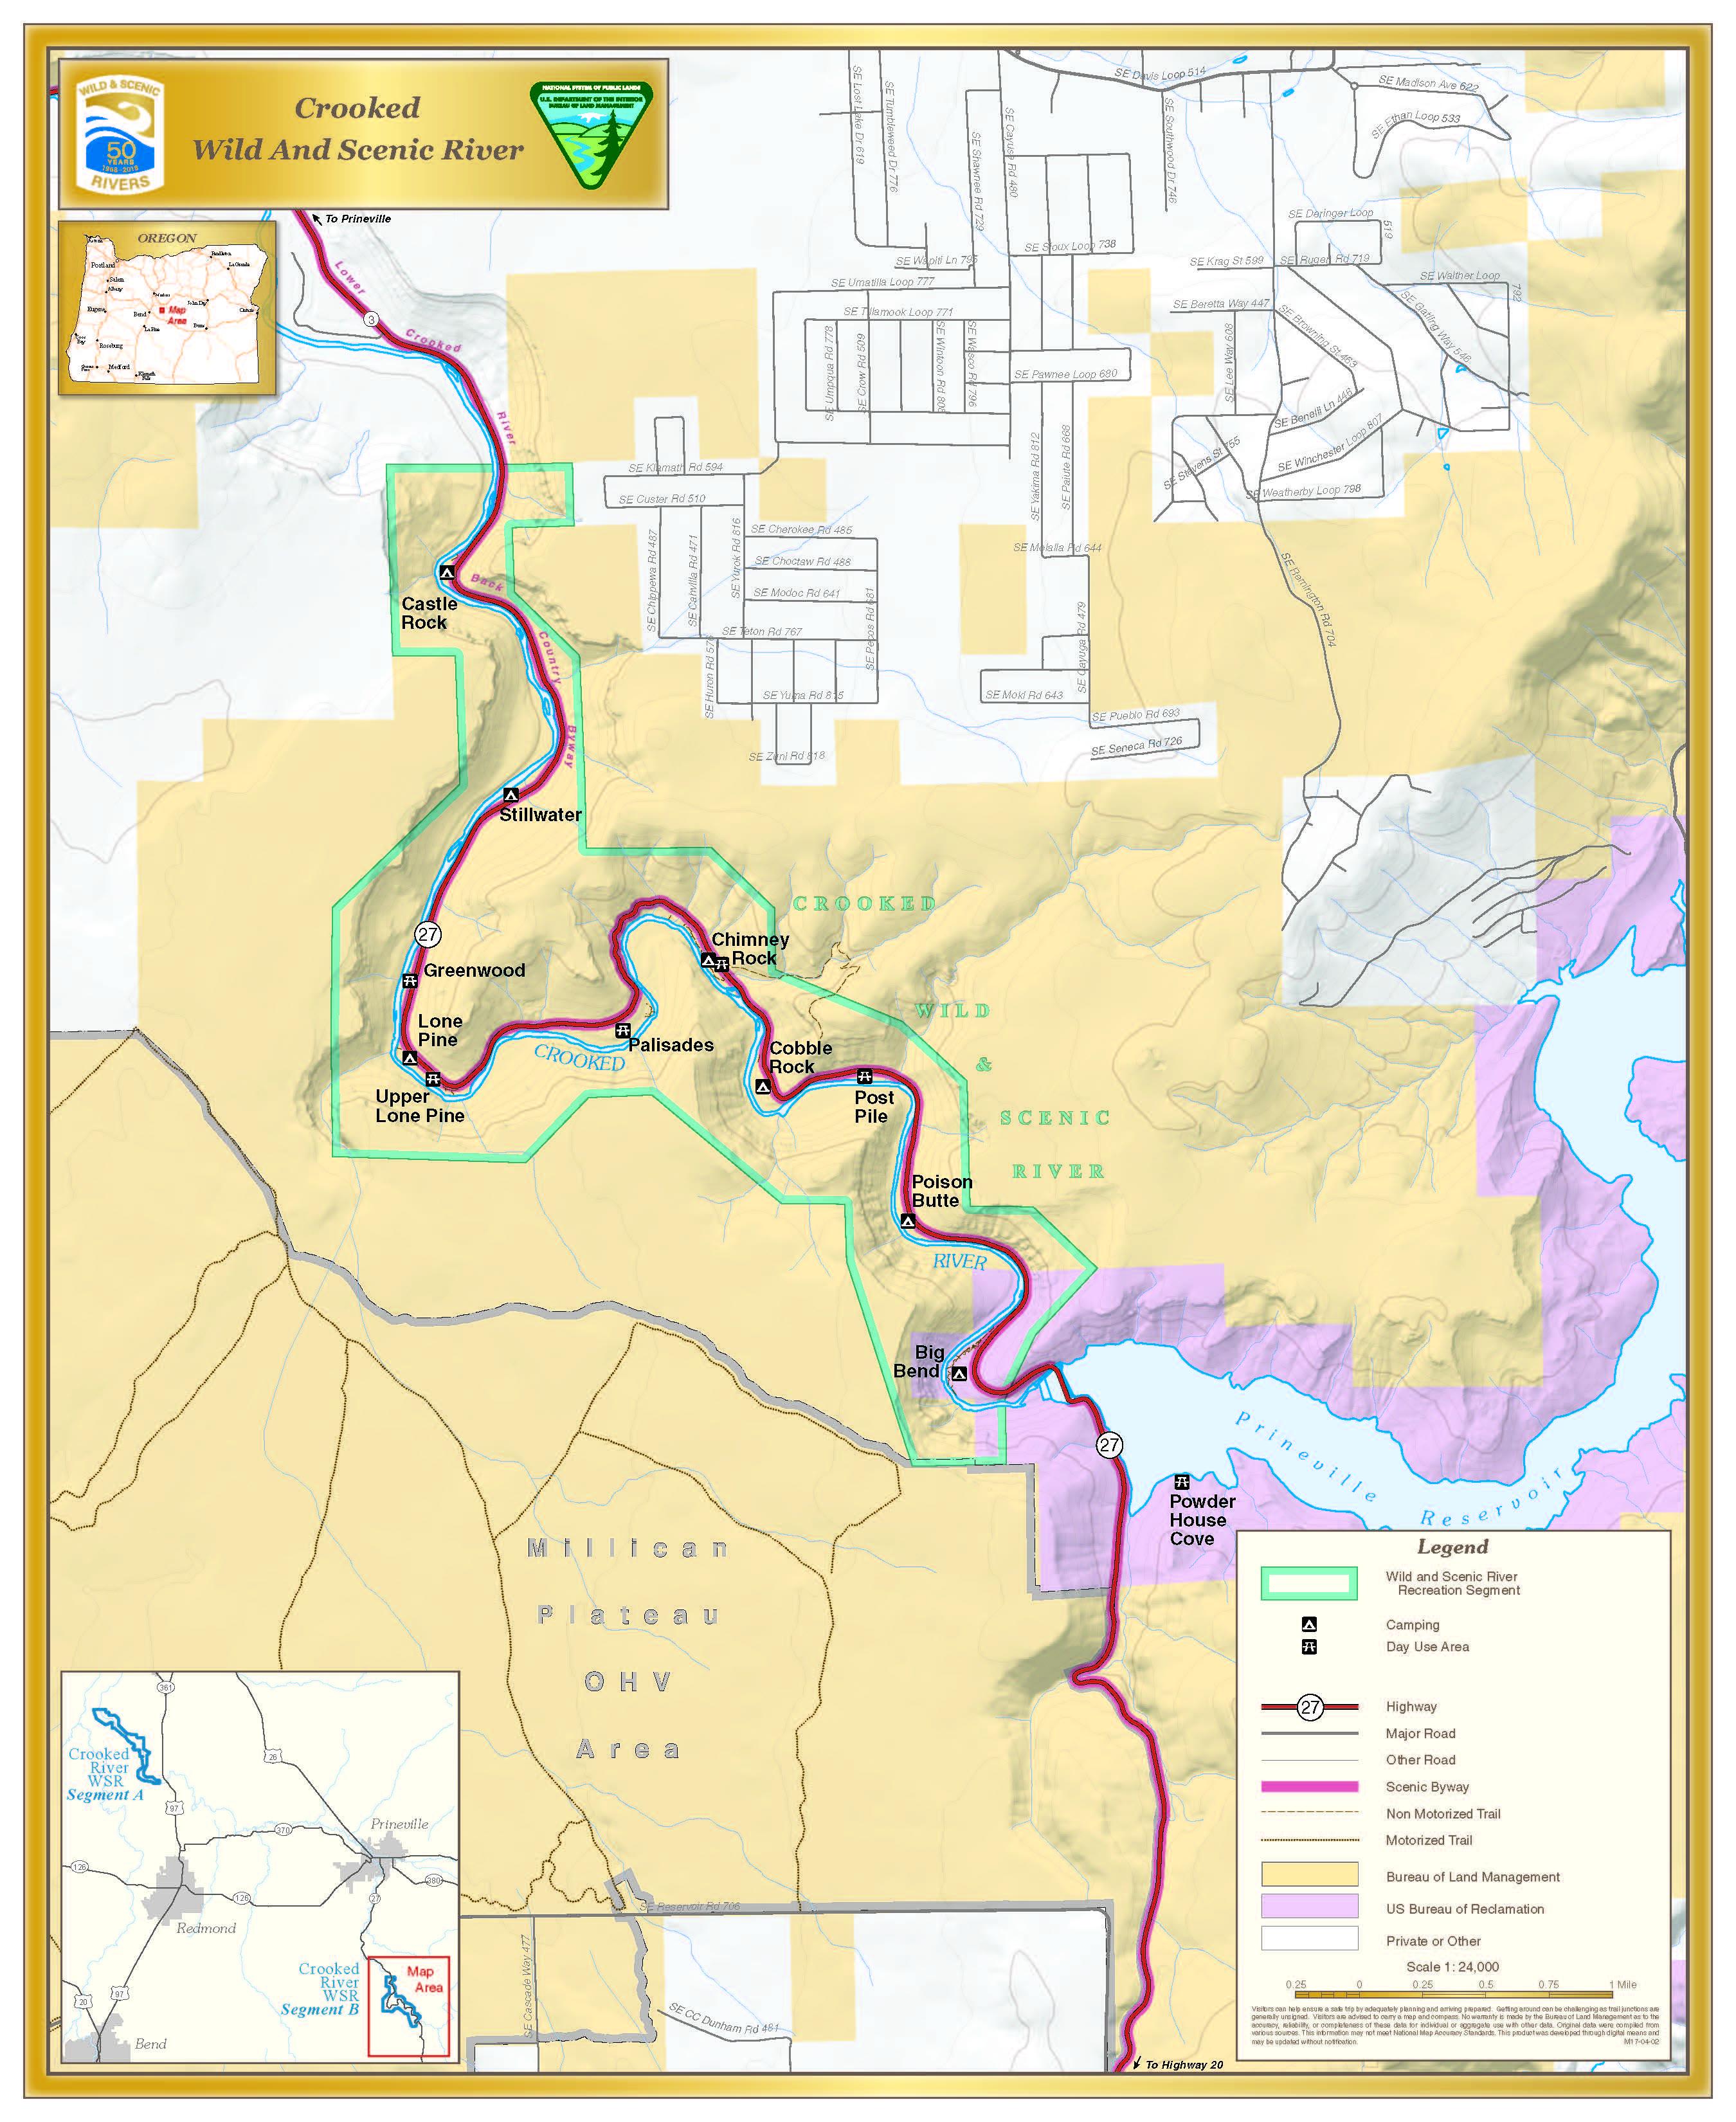 Crooked River   Oregon Wild & Scenic